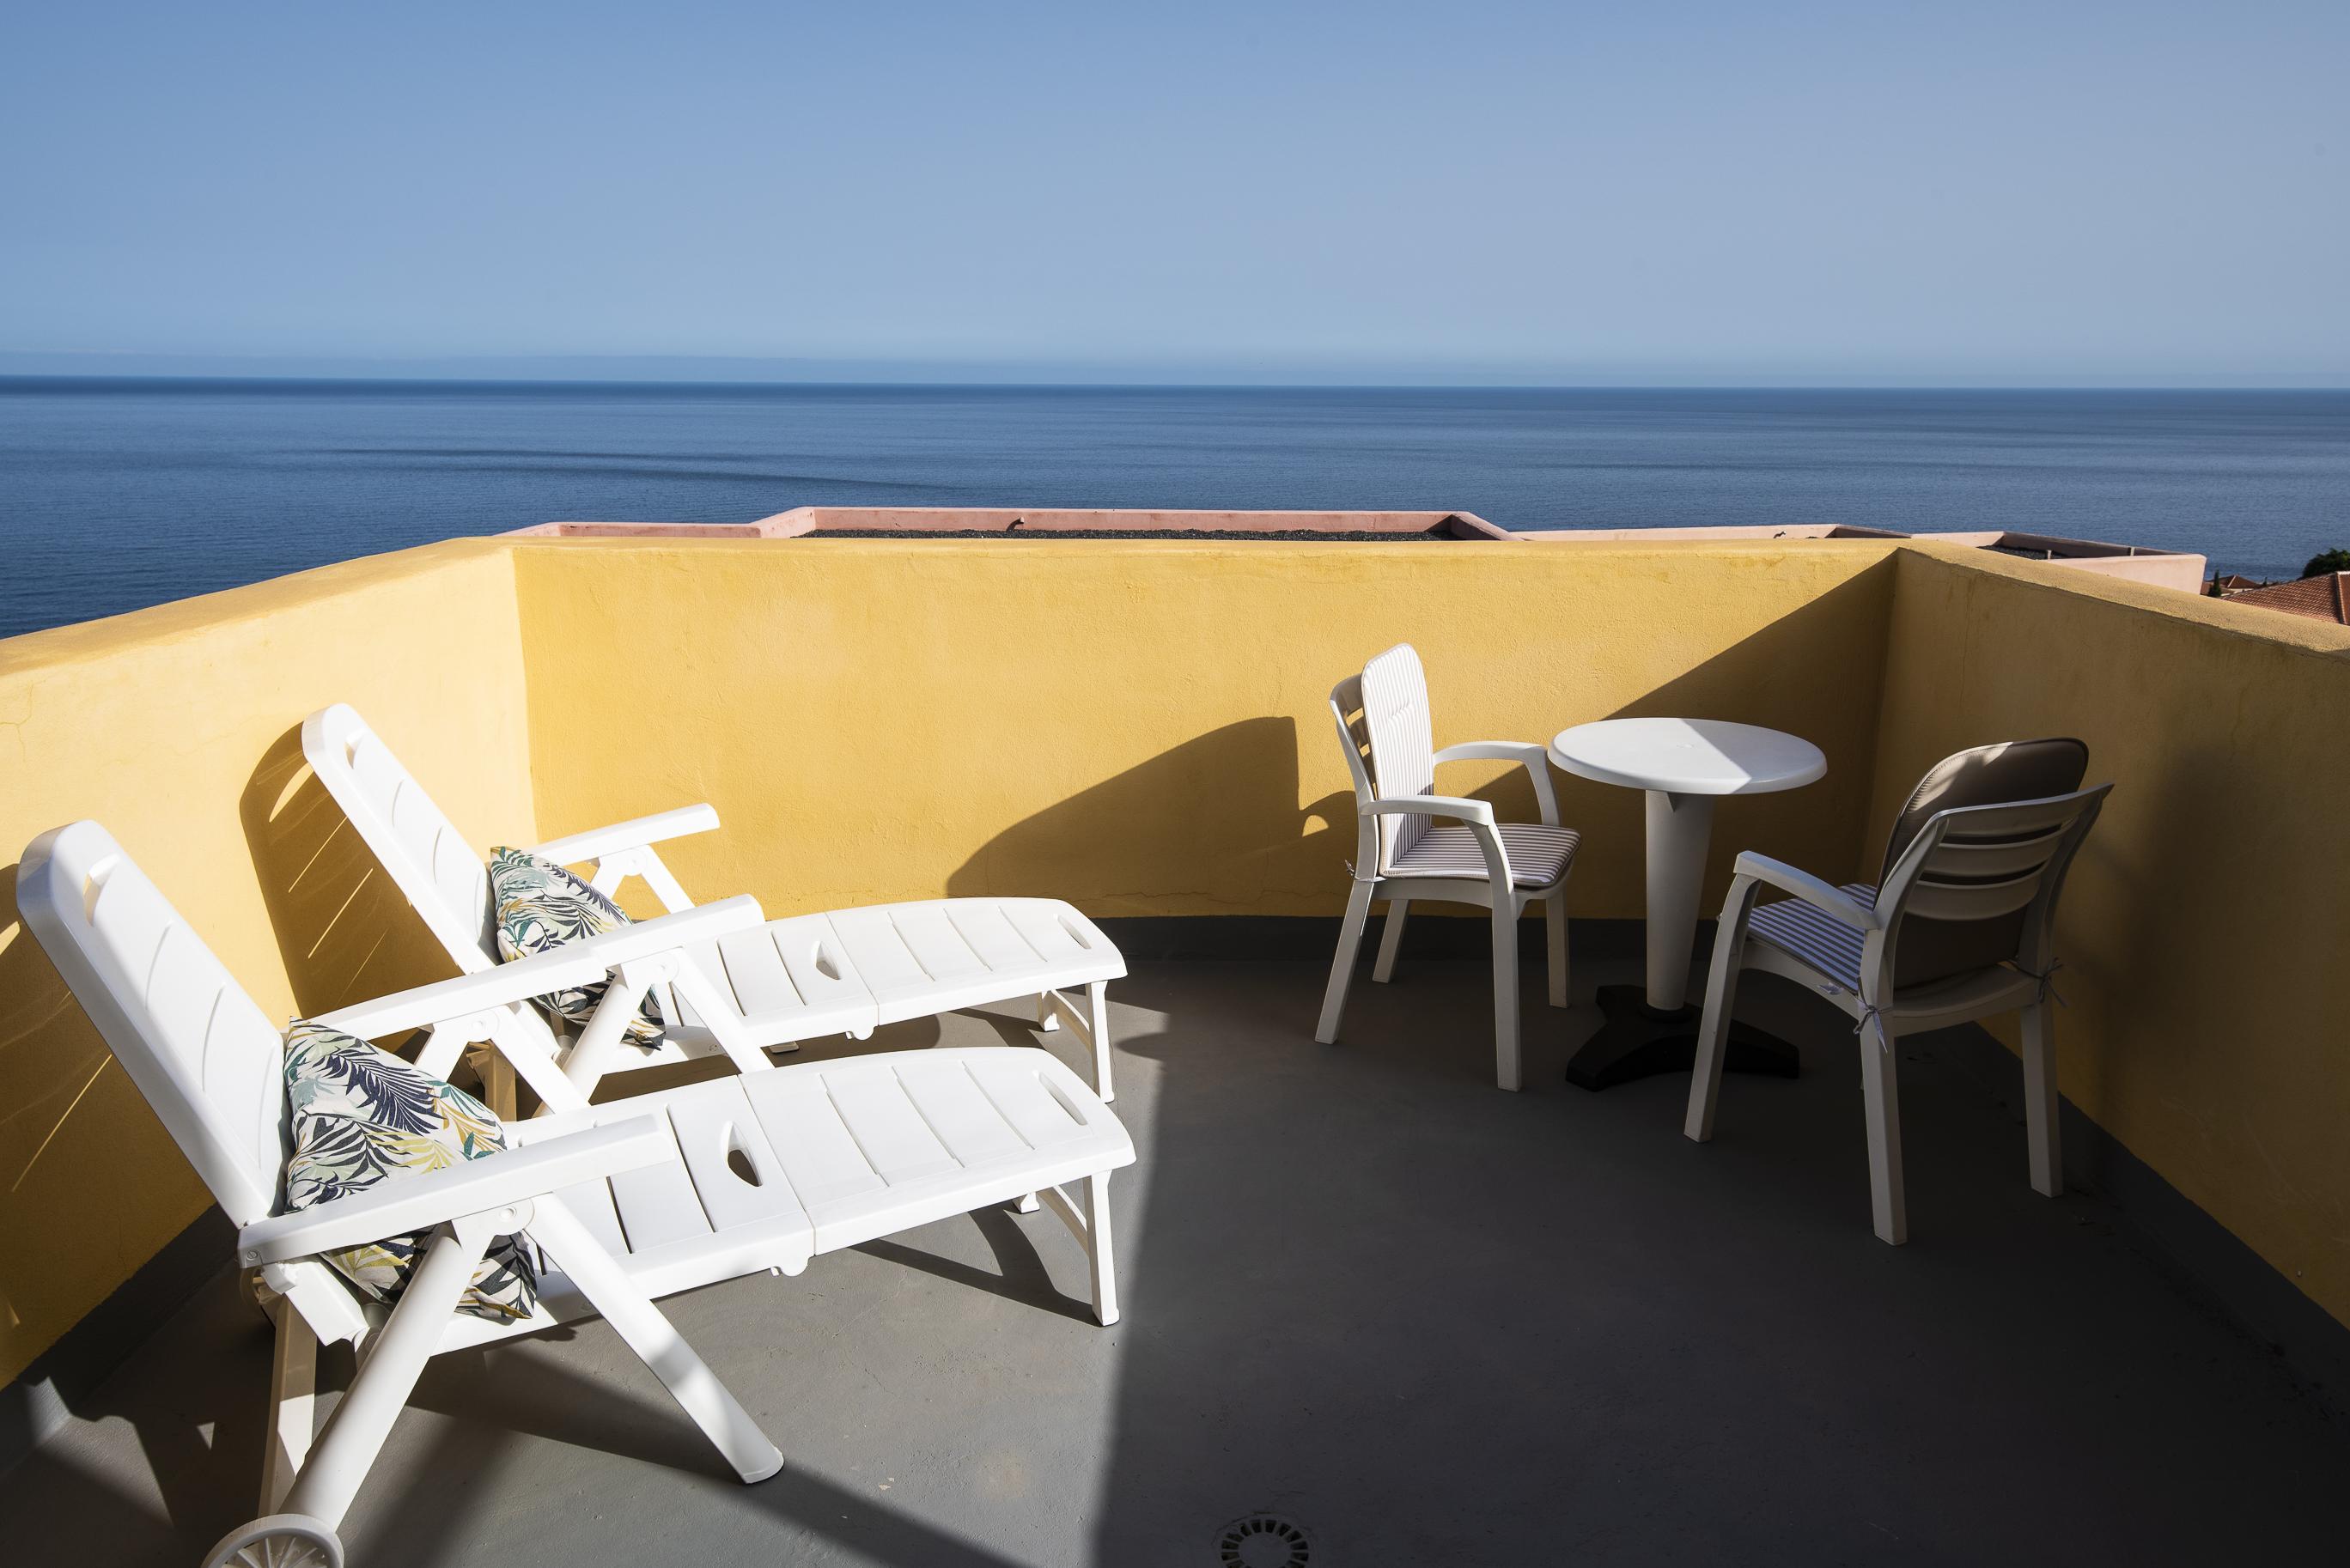 Ferienhaus  (2681968), Playa de Santiago, La Gomera, Kanarische Inseln, Spanien, Bild 33